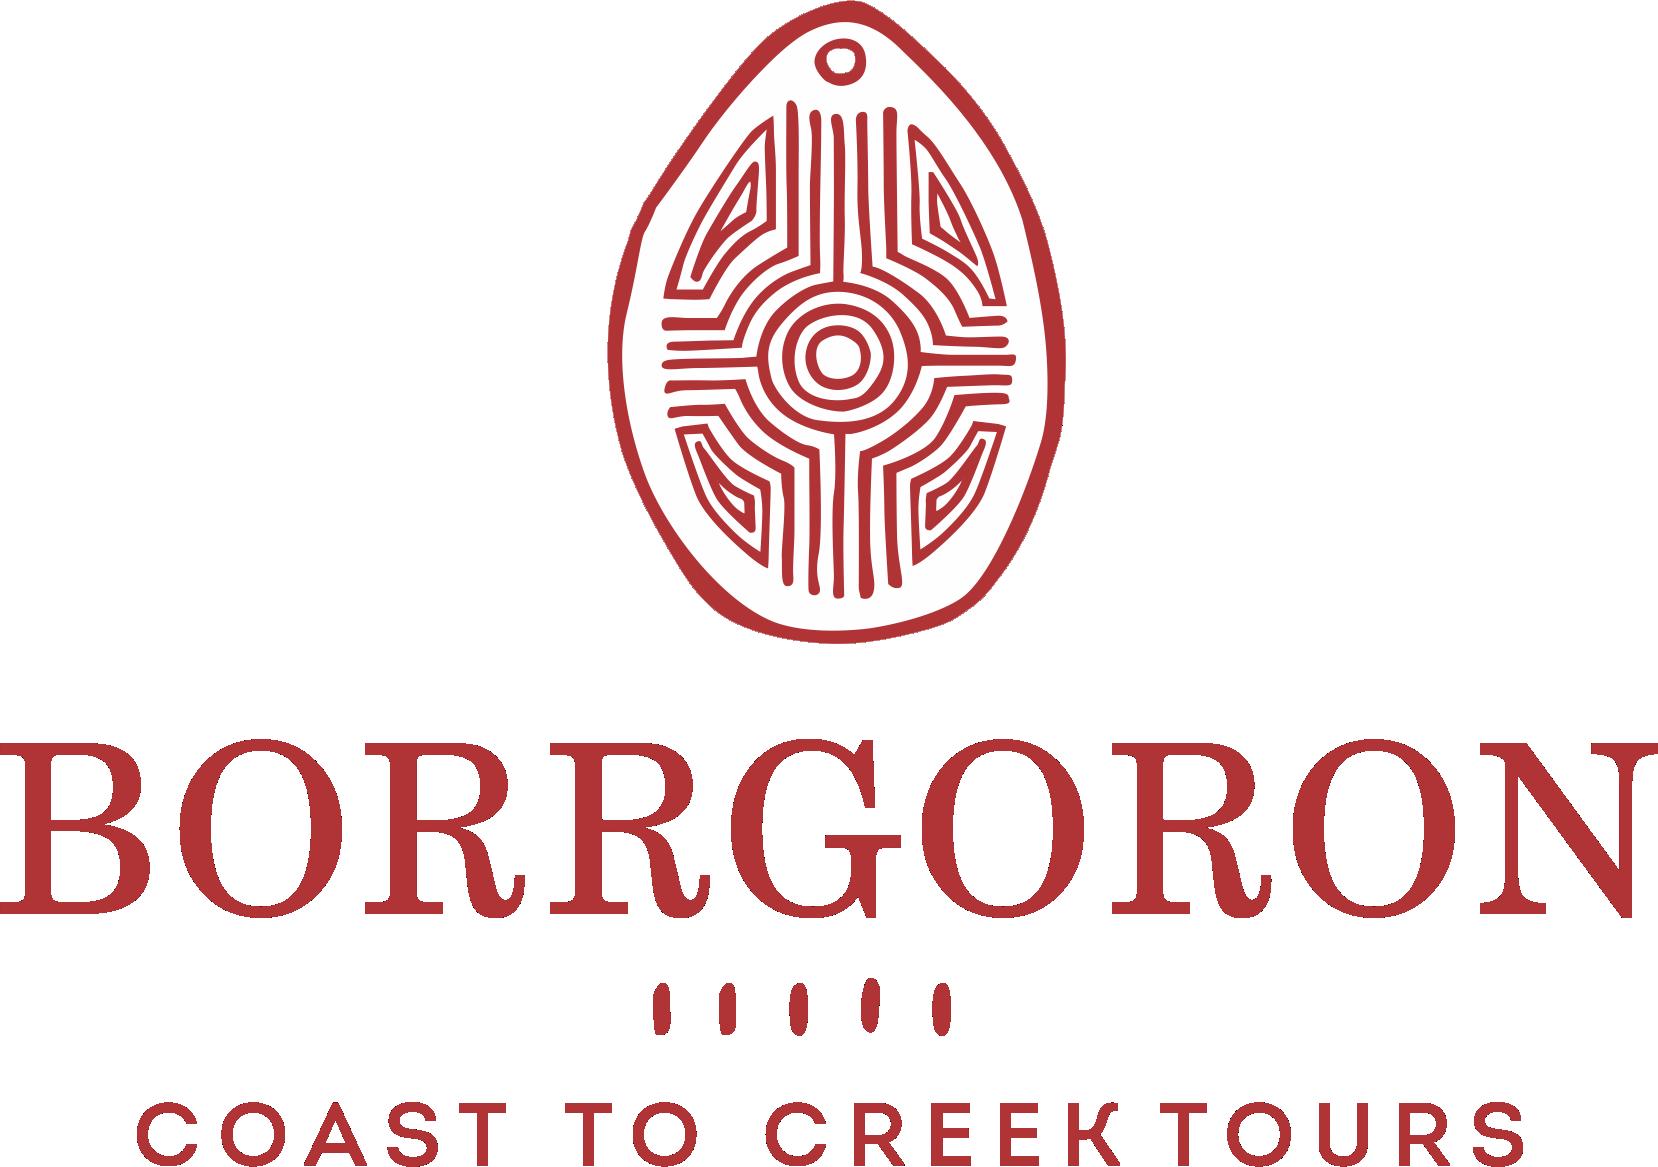 Borrgoron_logo